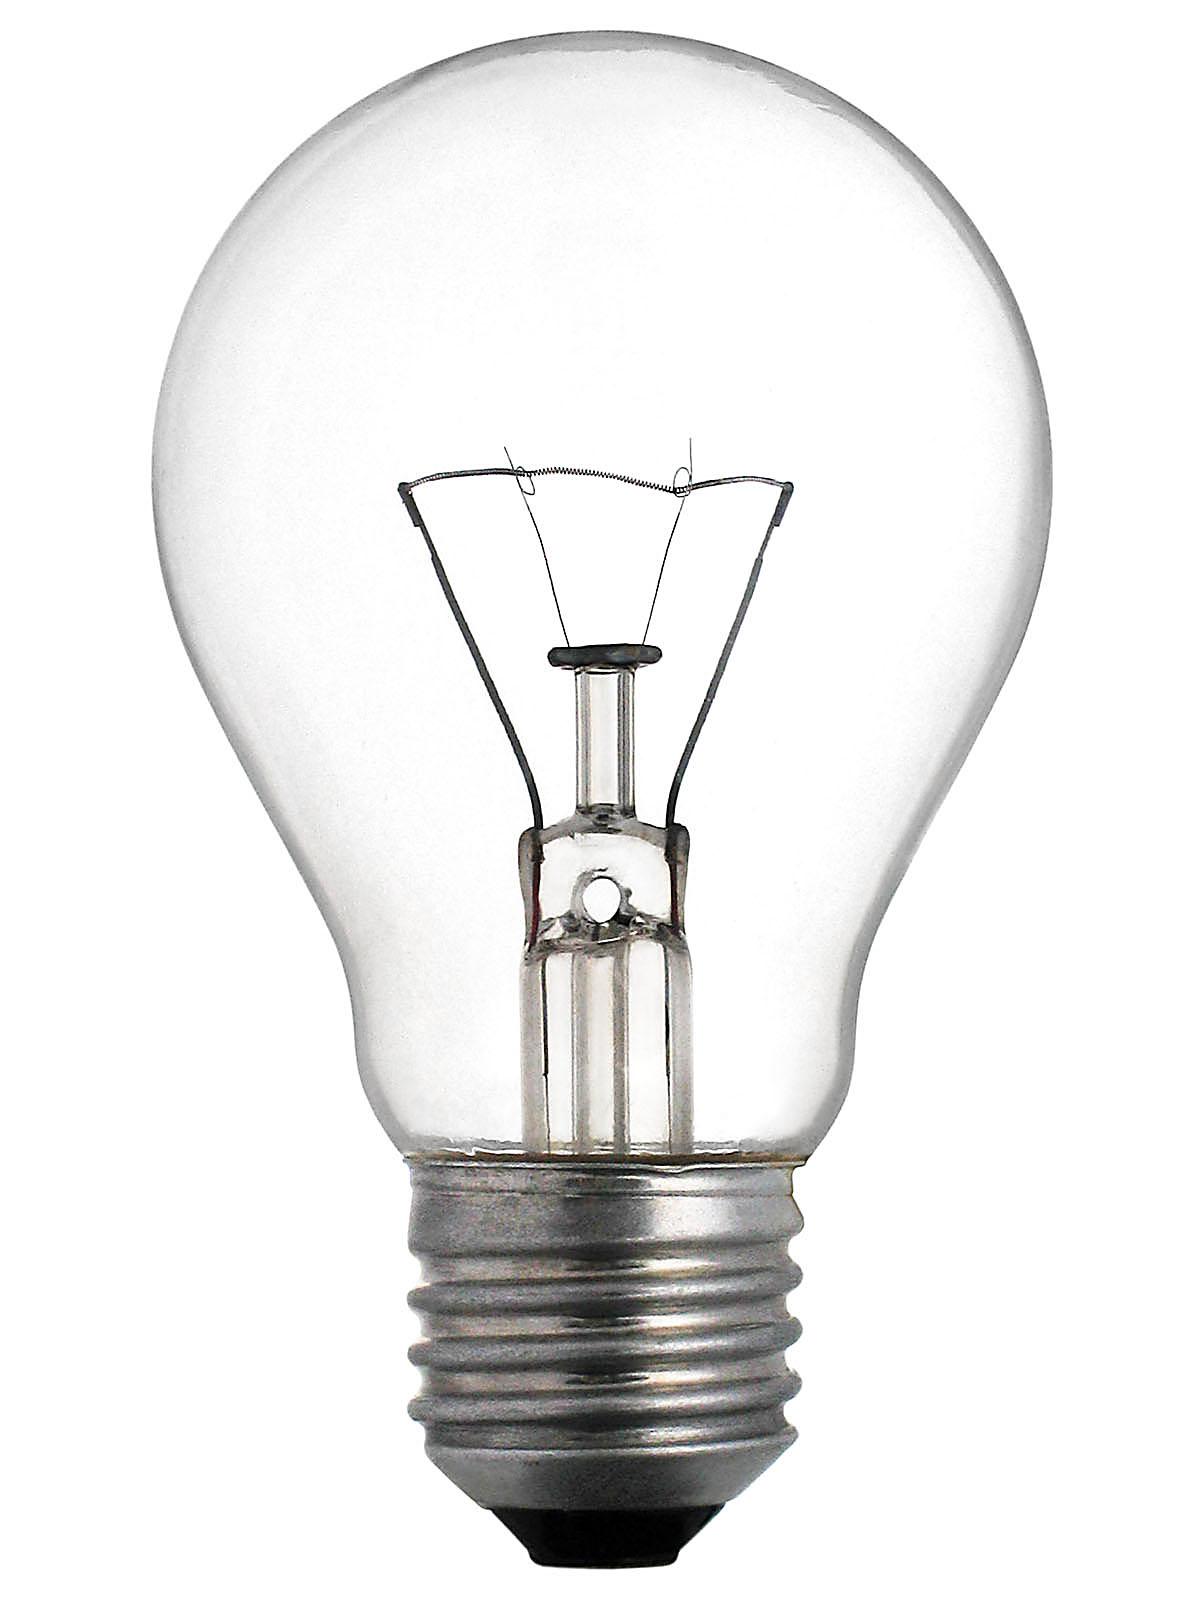 Купить Лампа накаливания 220В Е27, мощность 200 Вт — Фото №1